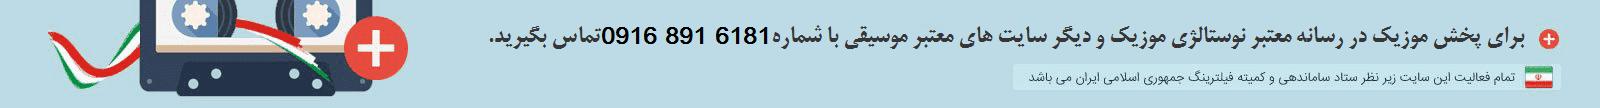 دانلود آهنگ جدید - نوستاژی موزیک کاملاً مطابق با قوانین جمهوری اسلامی ایران (ستاد ساماندهی) می باشد.